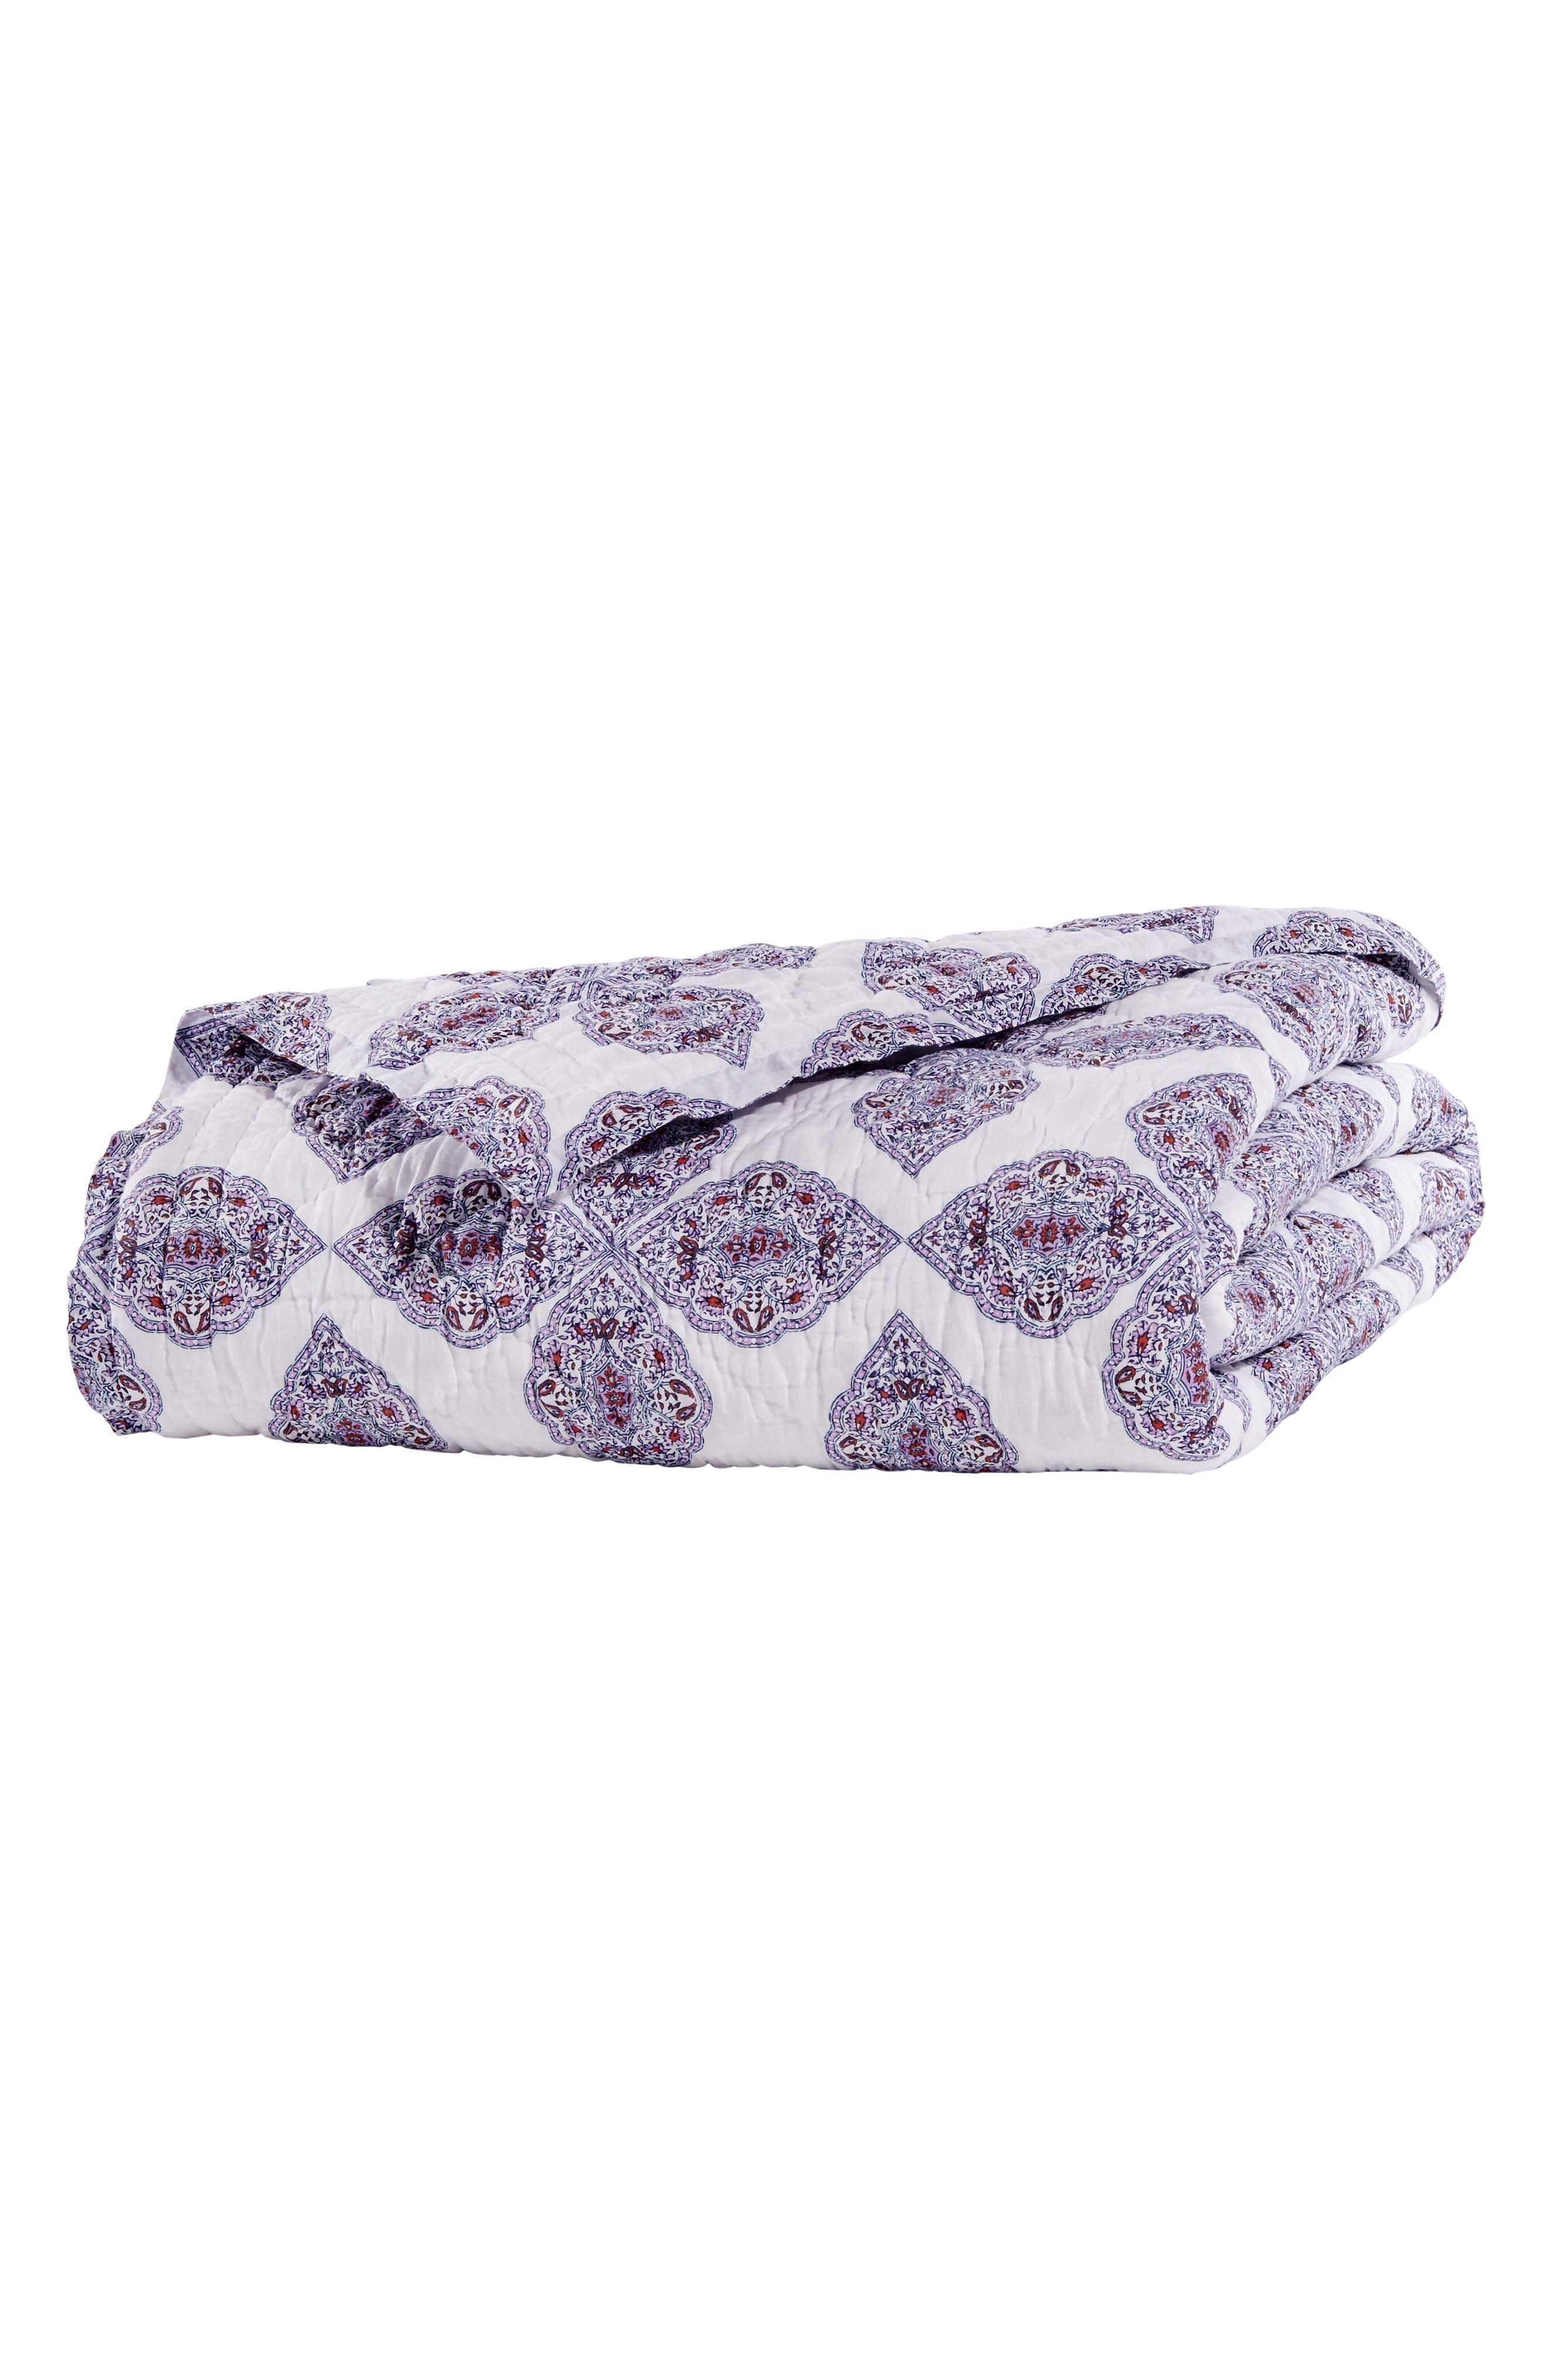 Tarati Quilt,                             Alternate thumbnail 2, color,                             Lavender/ Purple/ White